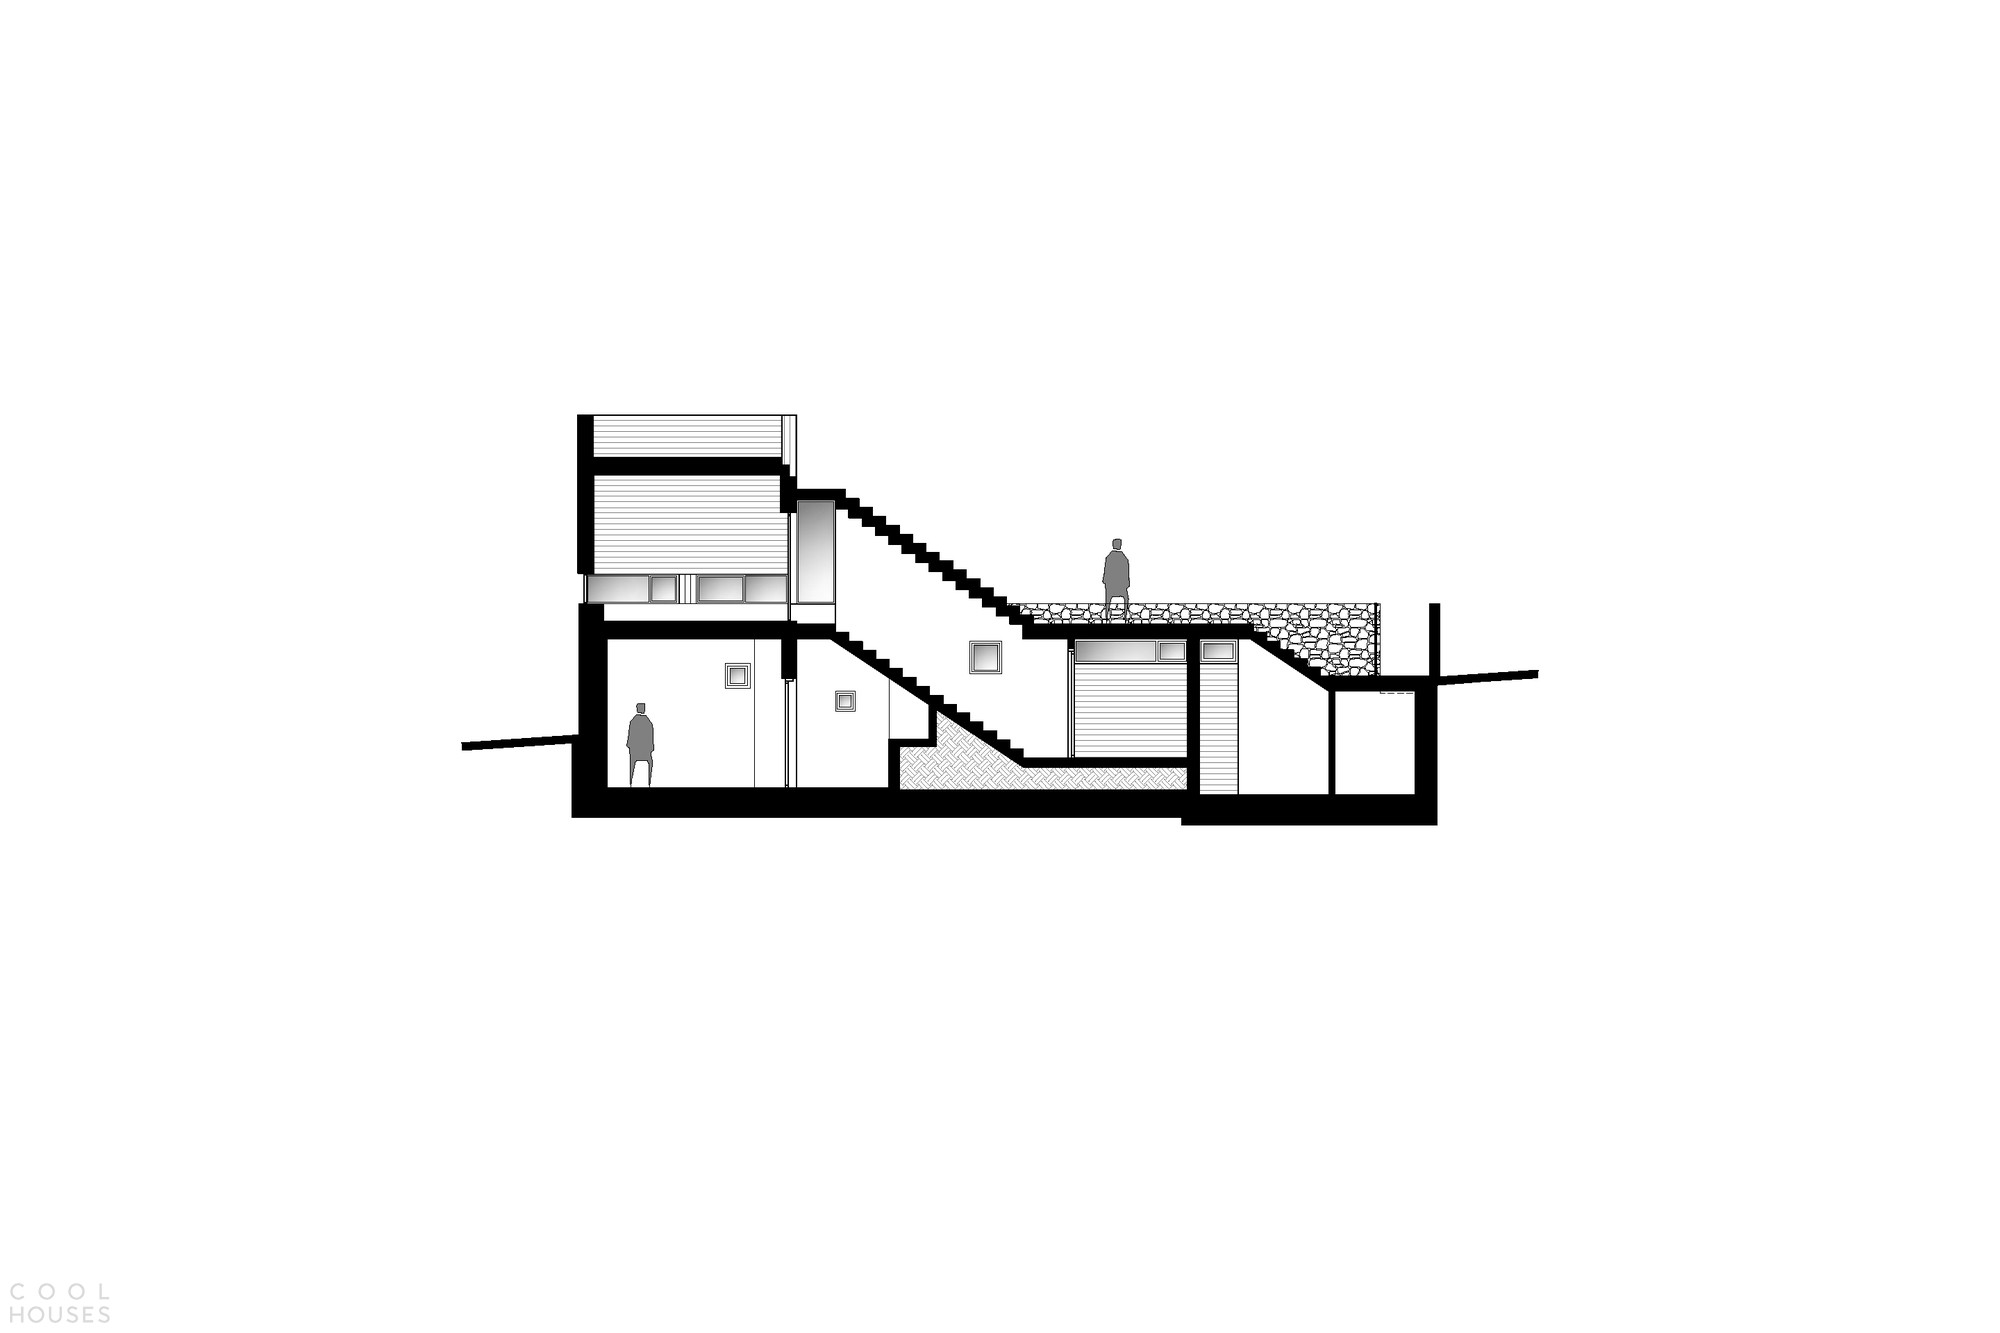 Каменная резиденция со сложным динамичным дизайном